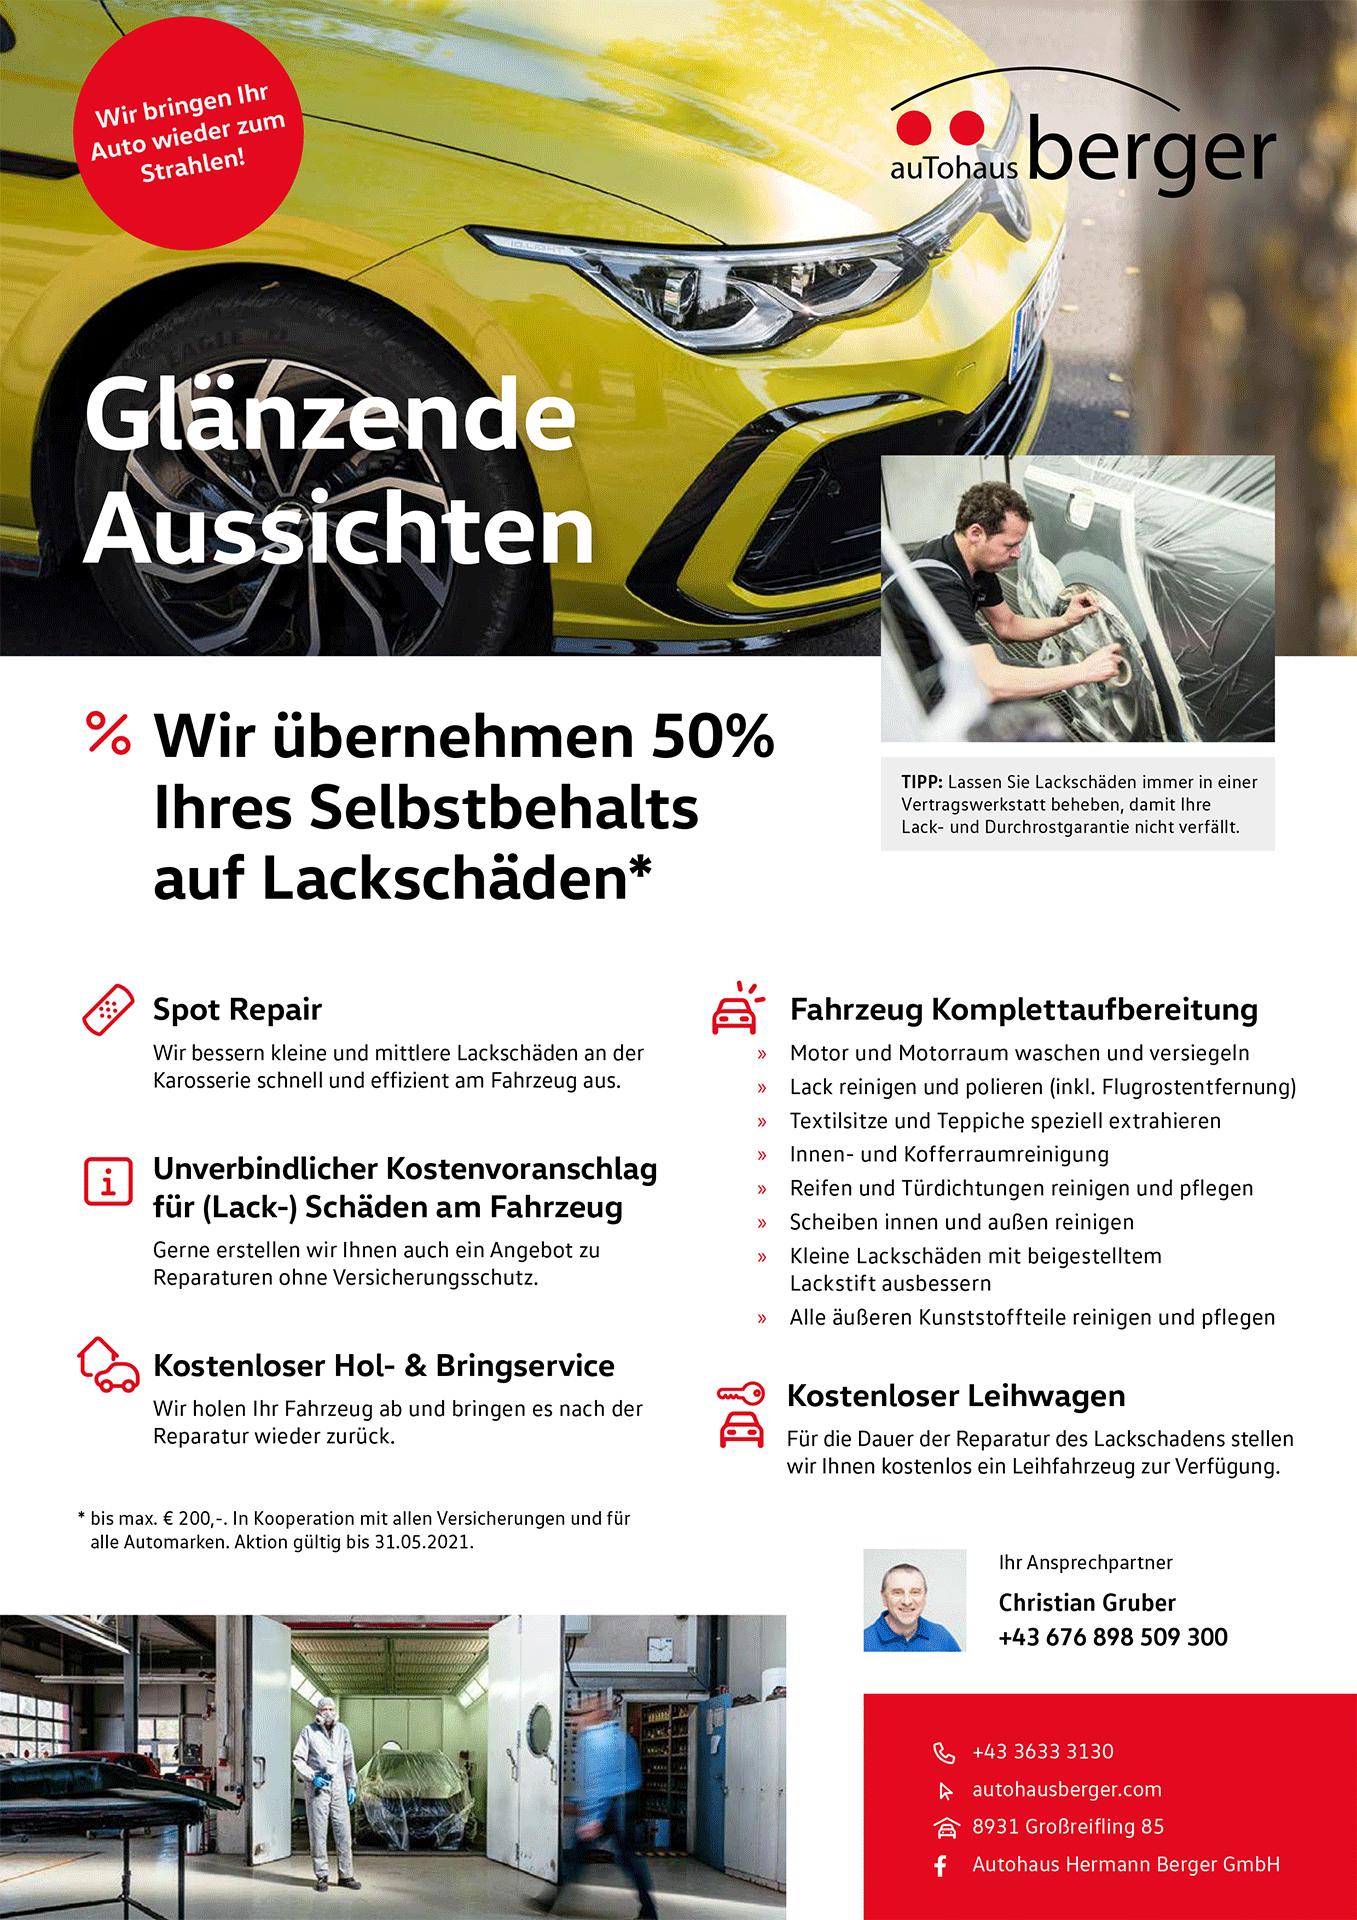 """Autohaus Berger Flugblatt """"Glänzende Aussichten"""" für die Reparatur von Lackschäden"""